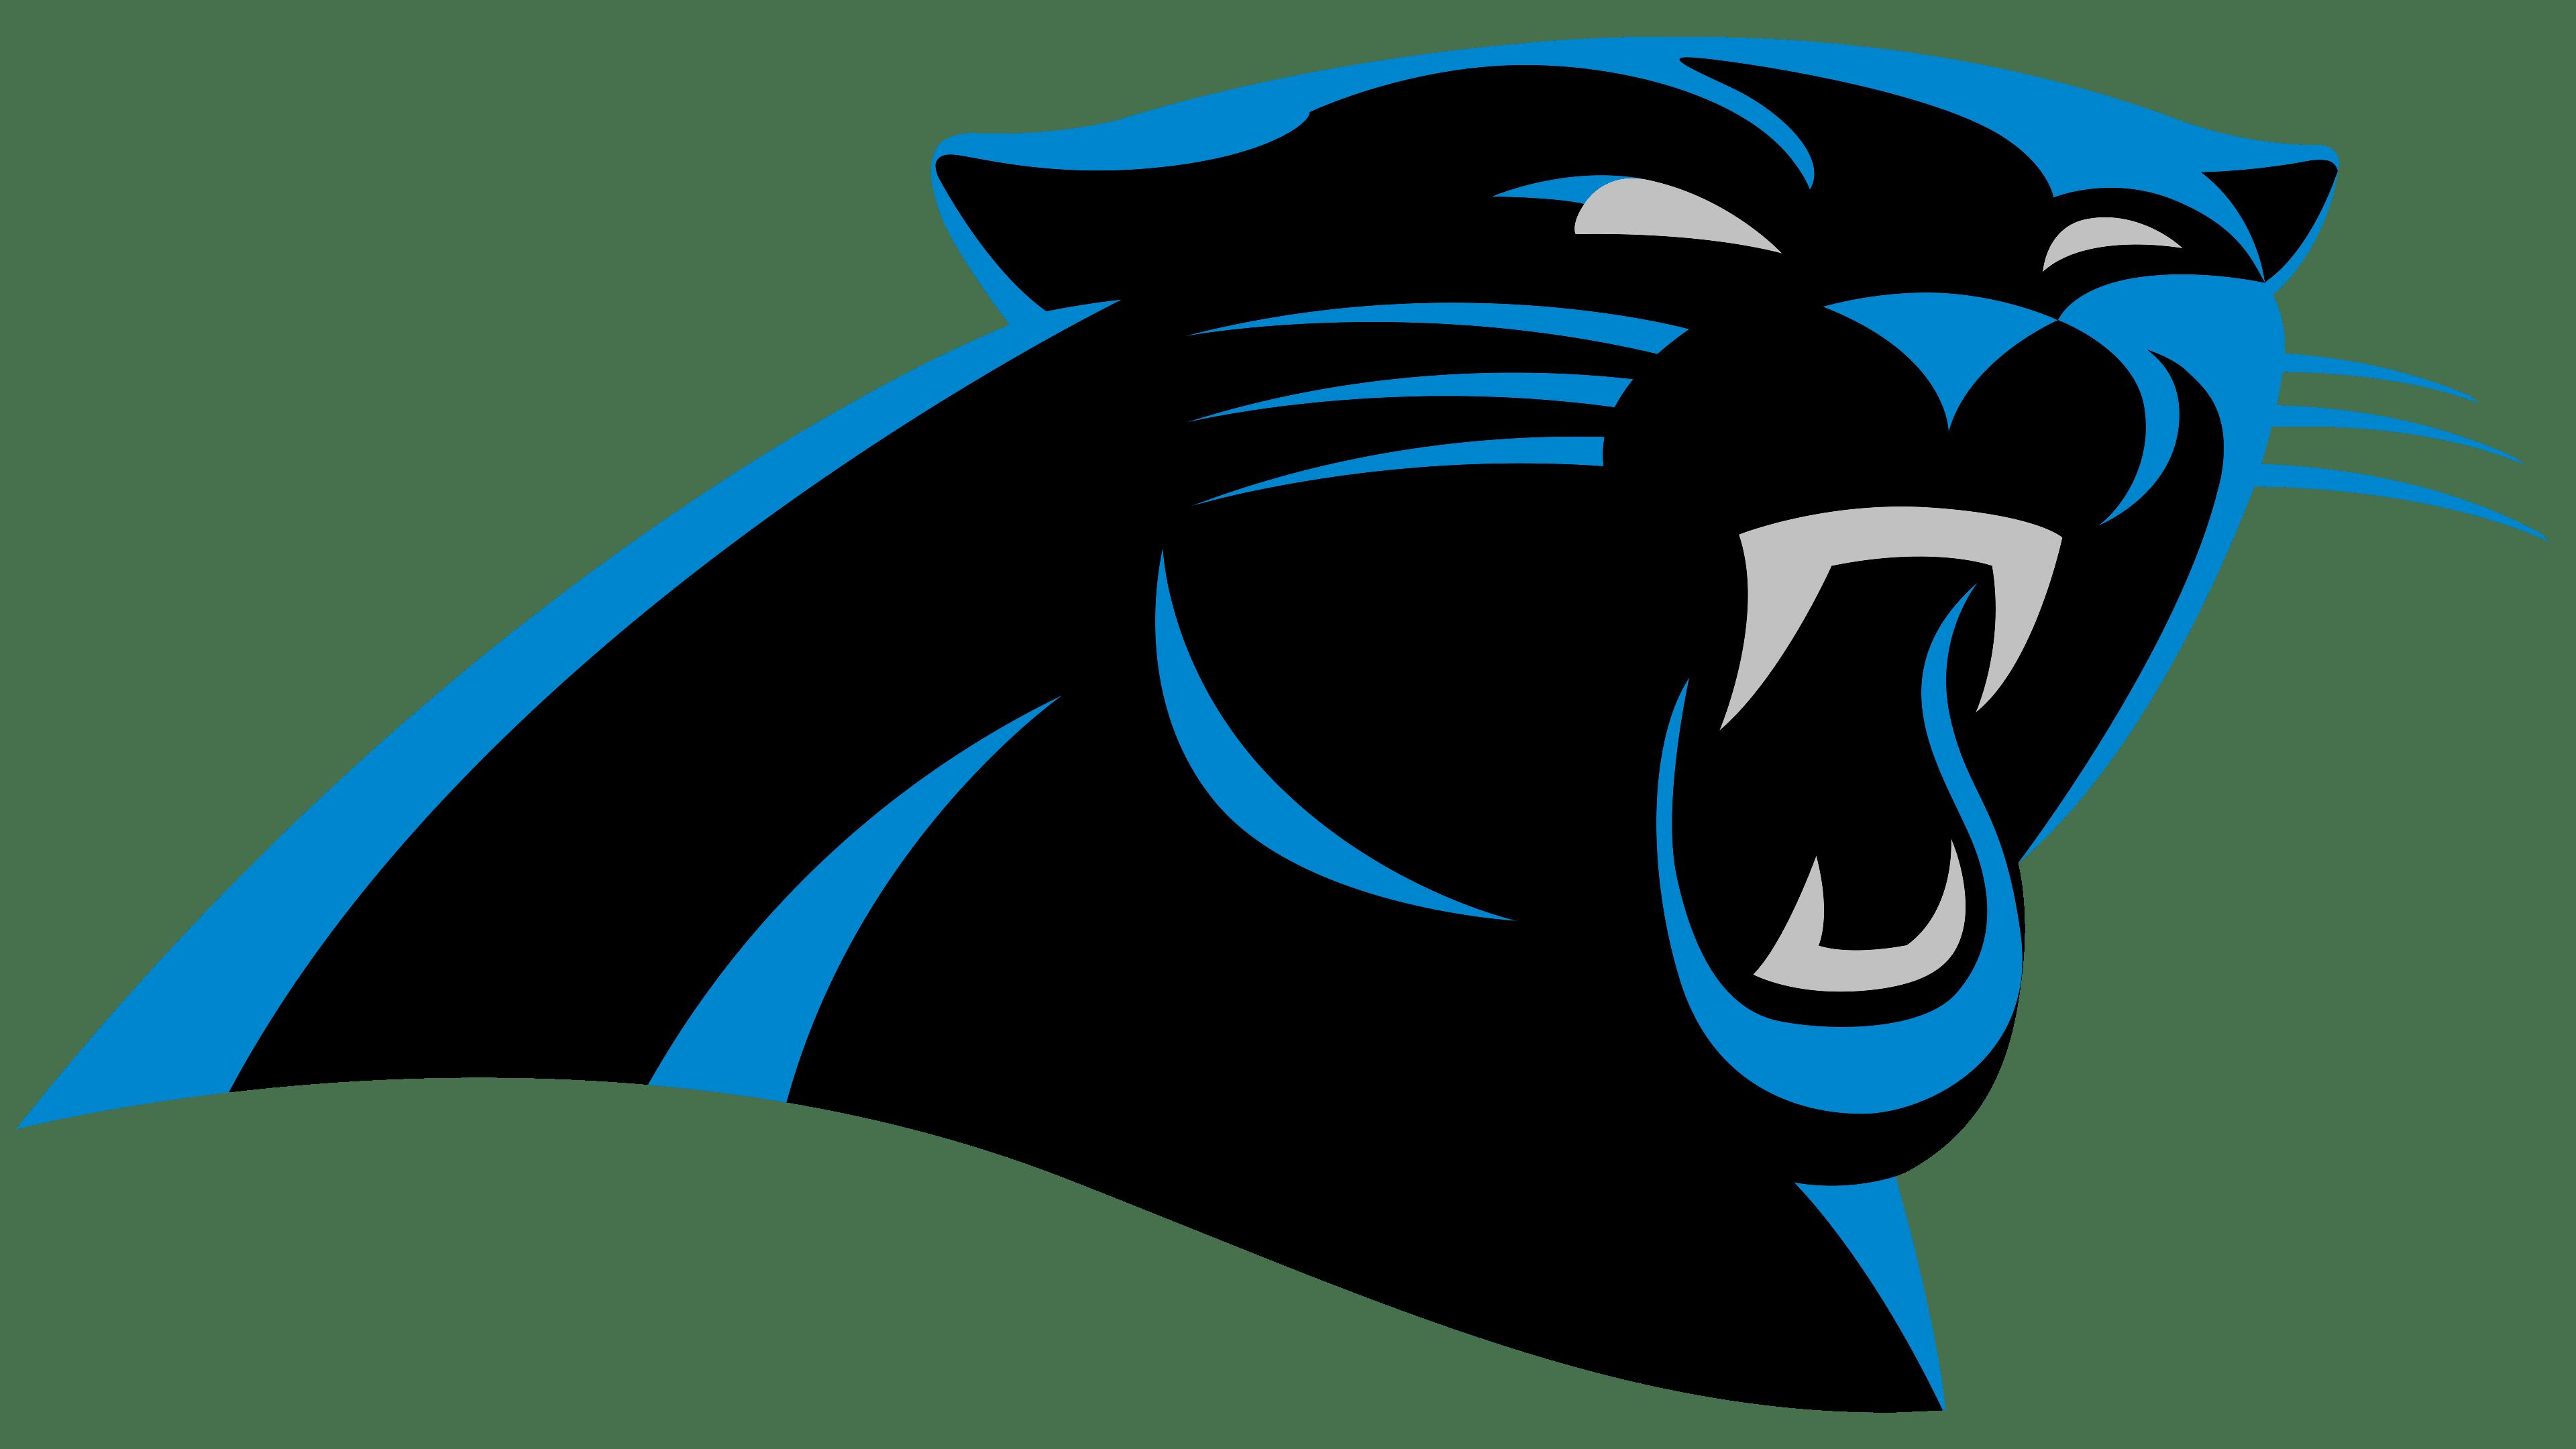 Carolina Panthers Logos.